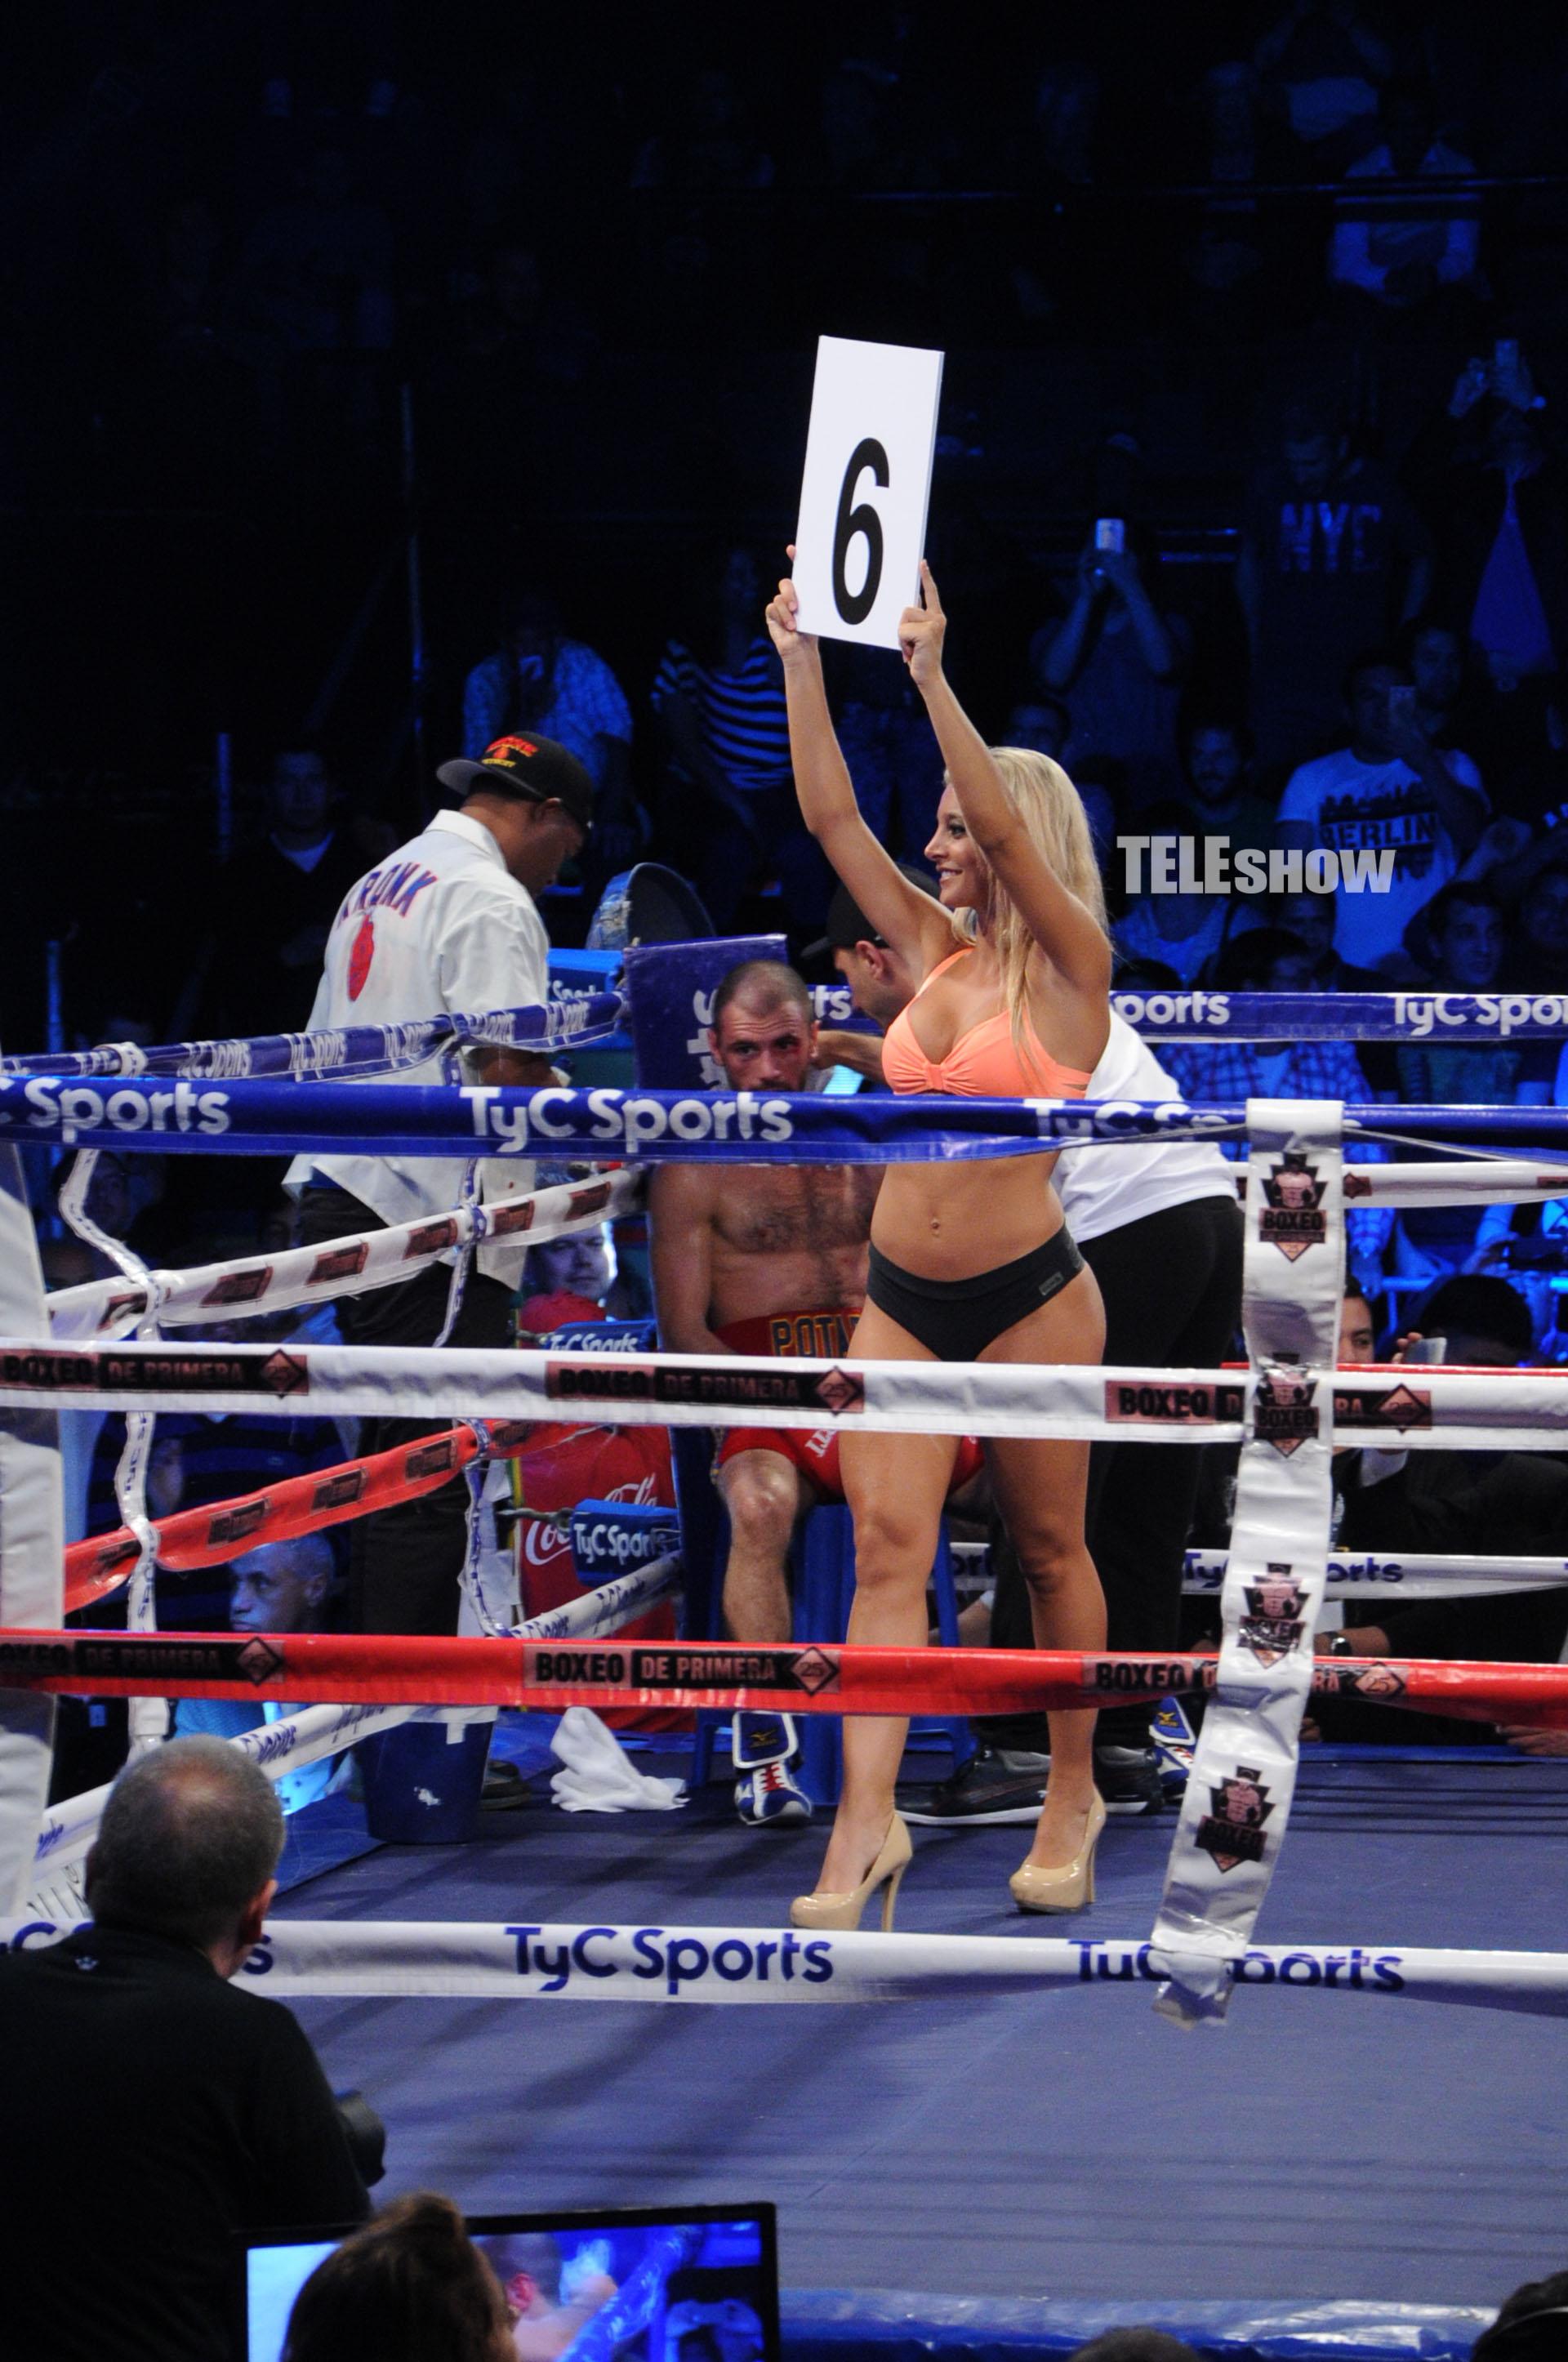 El anuncio del sexto round, ante la mirada del ruso Nikolai Potapov